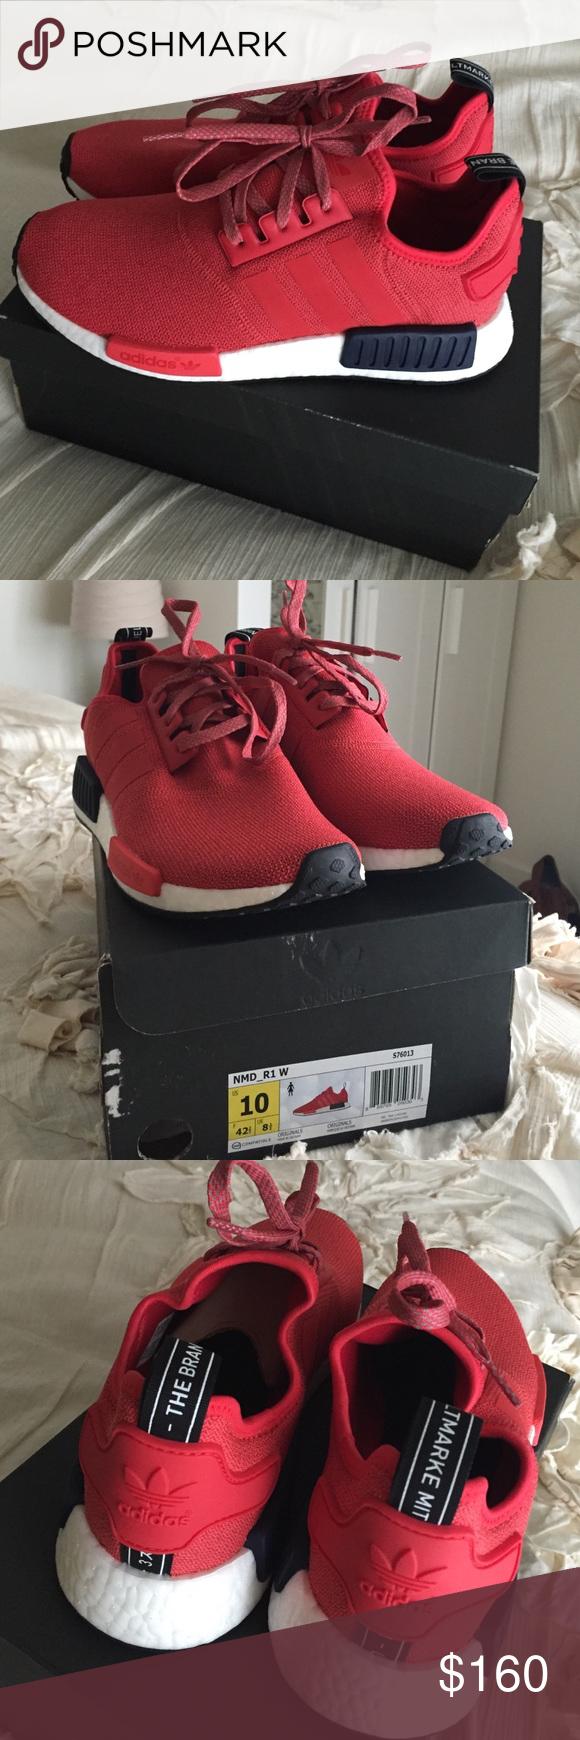 Adidasshoes29 per le adidas, adidas nmd e accenti neri